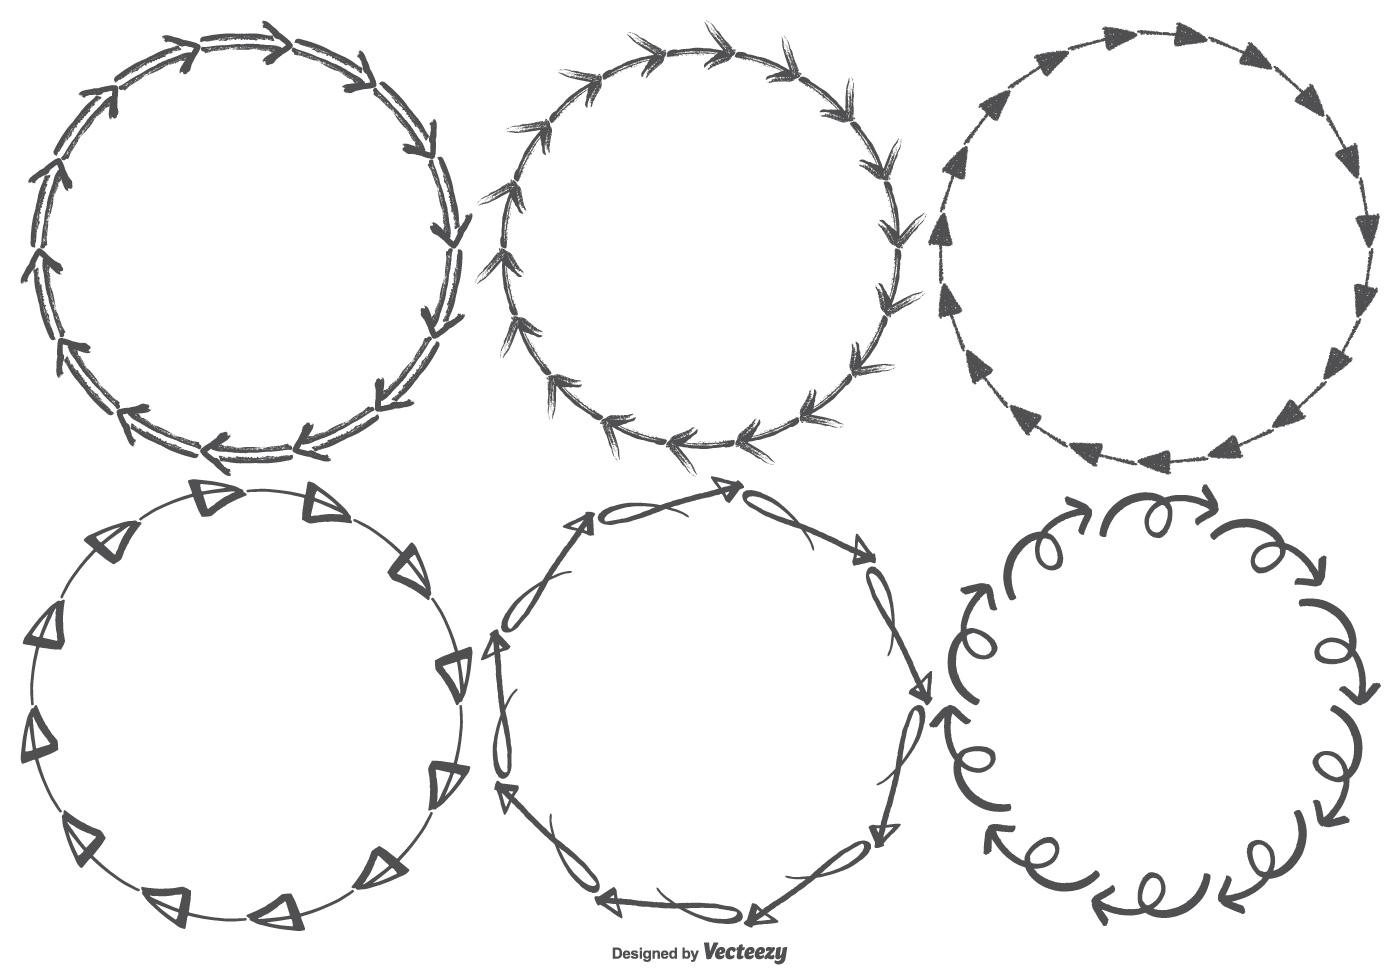 Sketchy Arrow Vector Frames - Download Free Vectors ...